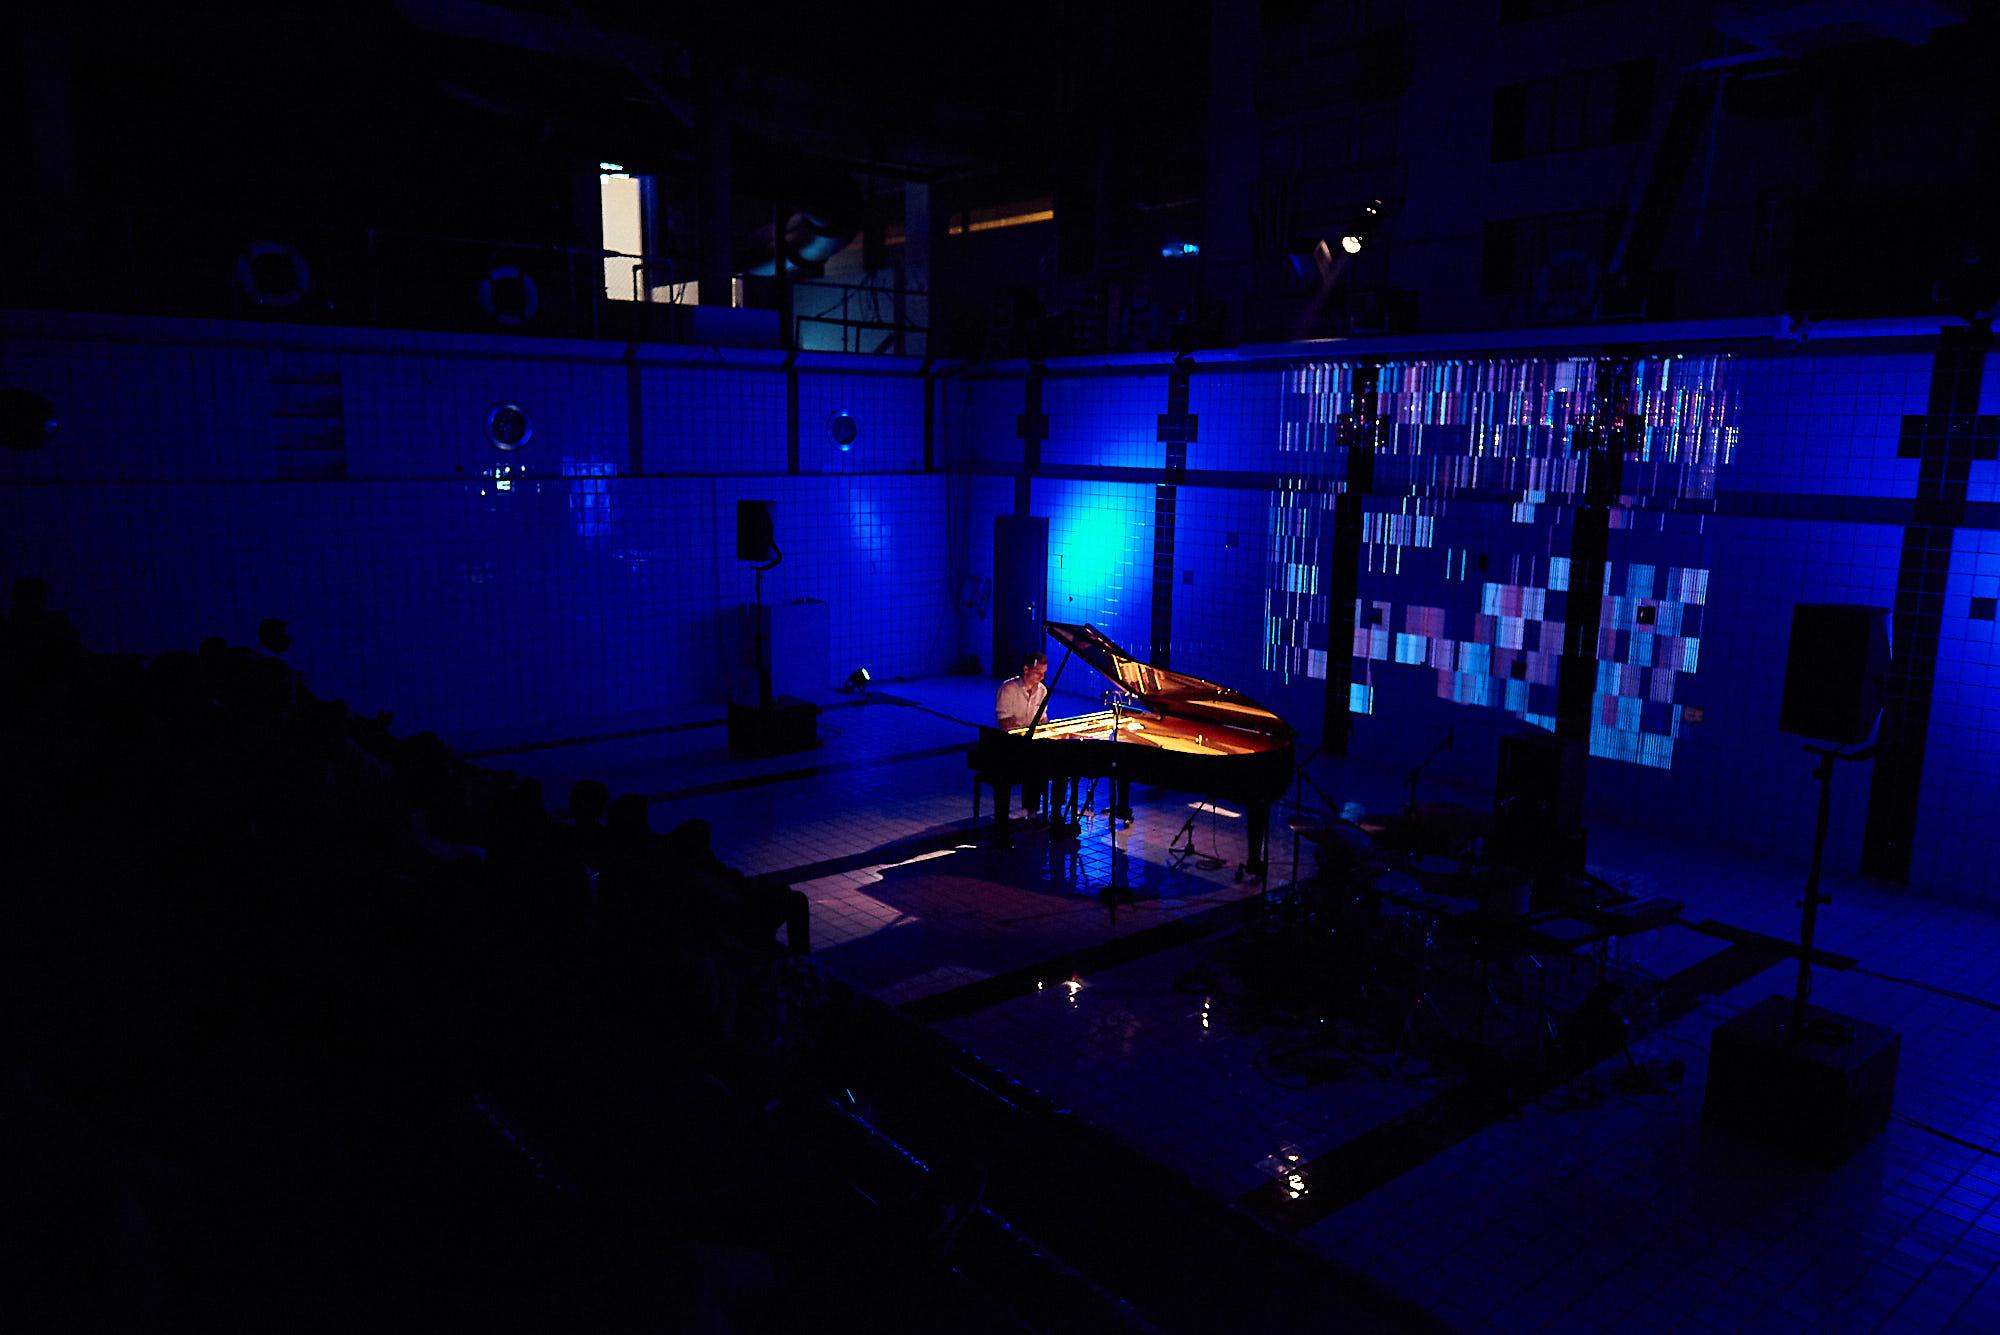 Piano im Pool Festival Luzern 2018, Felix Trippel